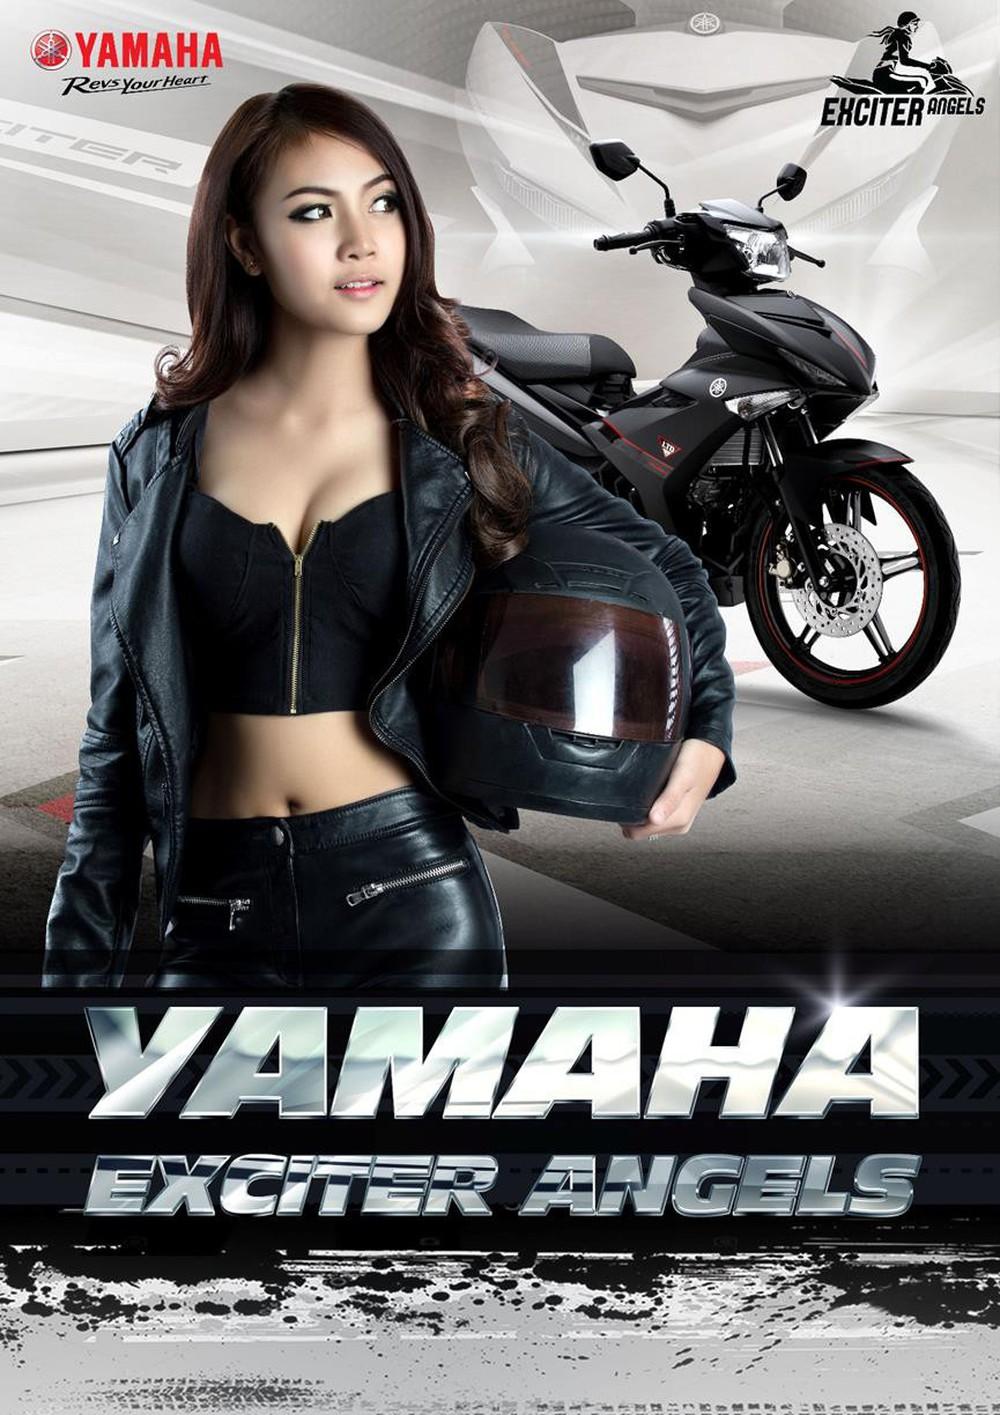 Bất ngờ trước thể hiện xuất sắc của các bóng hồng tại buổi casting Yamaha Exciter Angels - Ảnh 5.